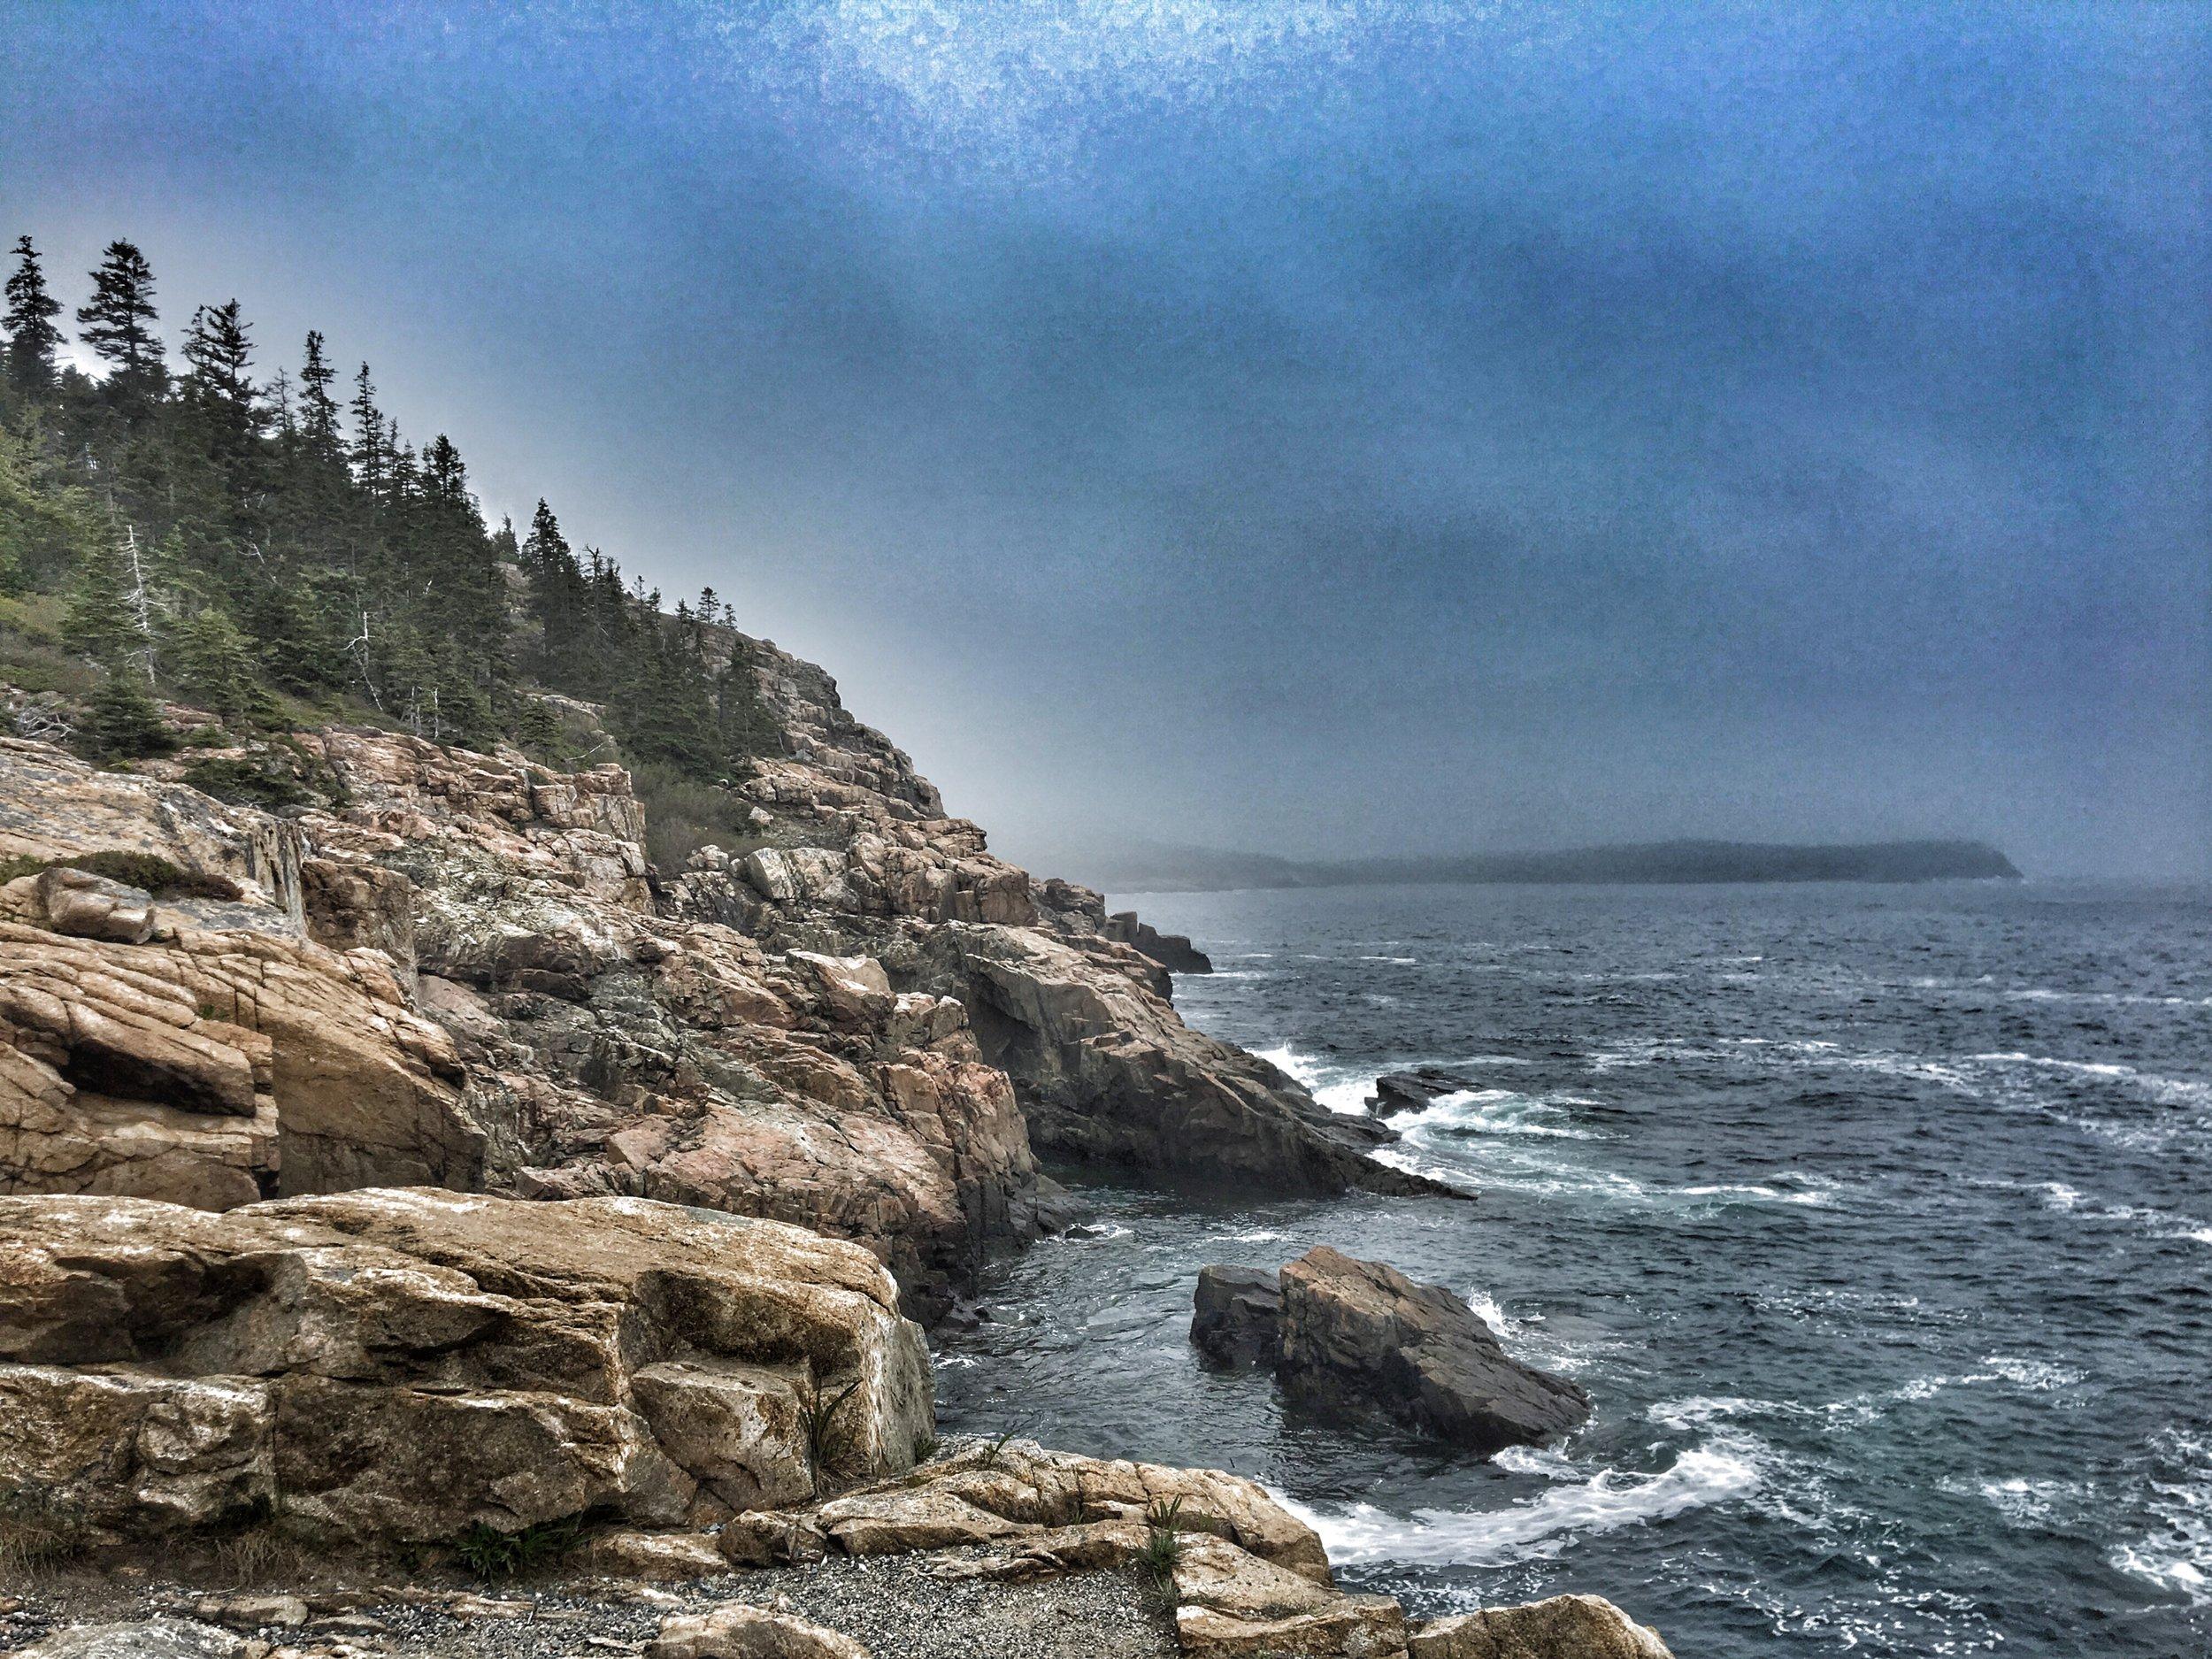 The rocky coast of Acadia National Park.